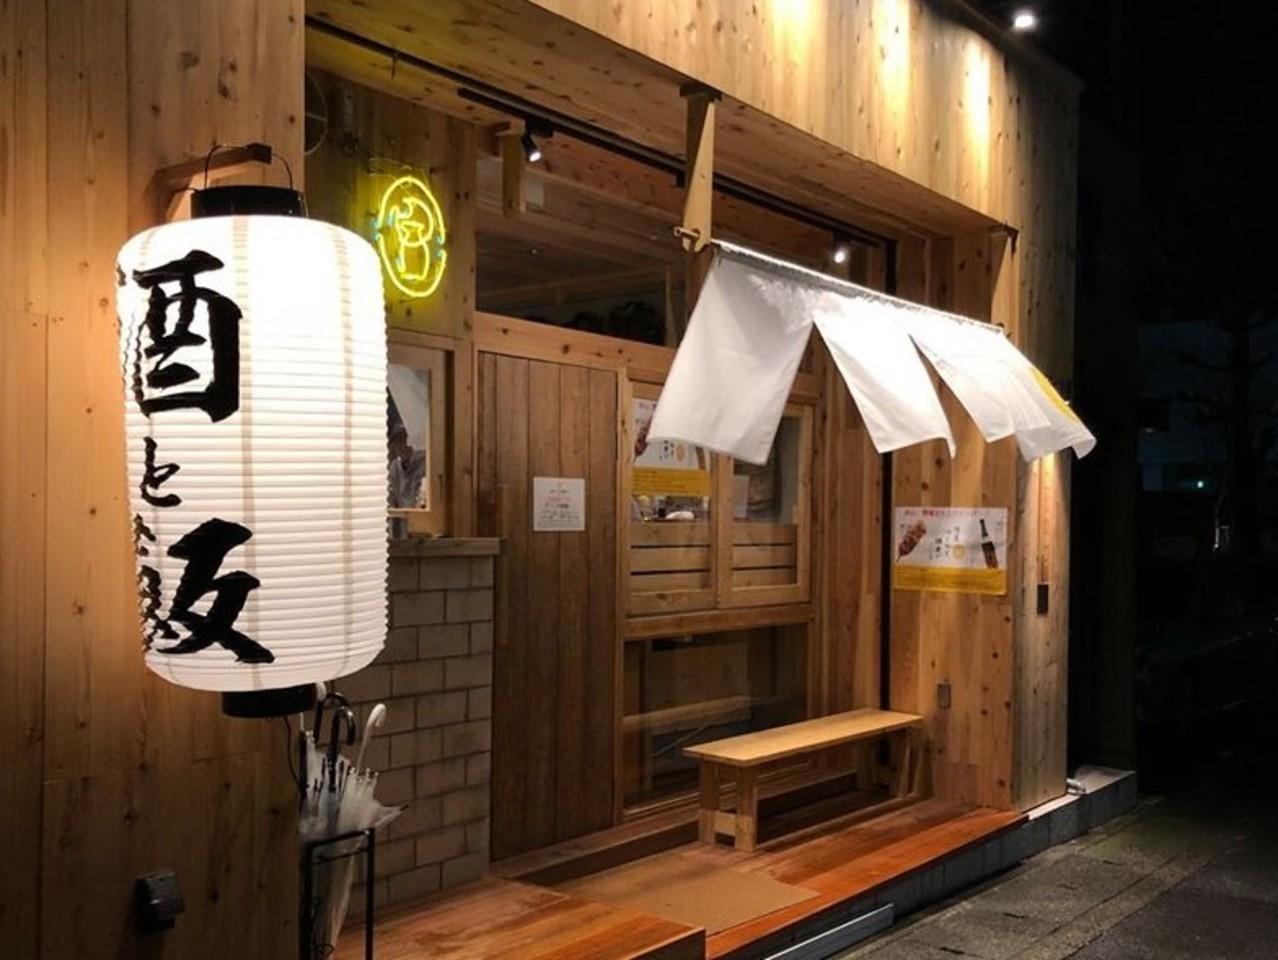 気軽に飯と酒を...神奈川県鎌倉市小町2丁目に「月見つくねを鎌倉で」本日グランドオープン